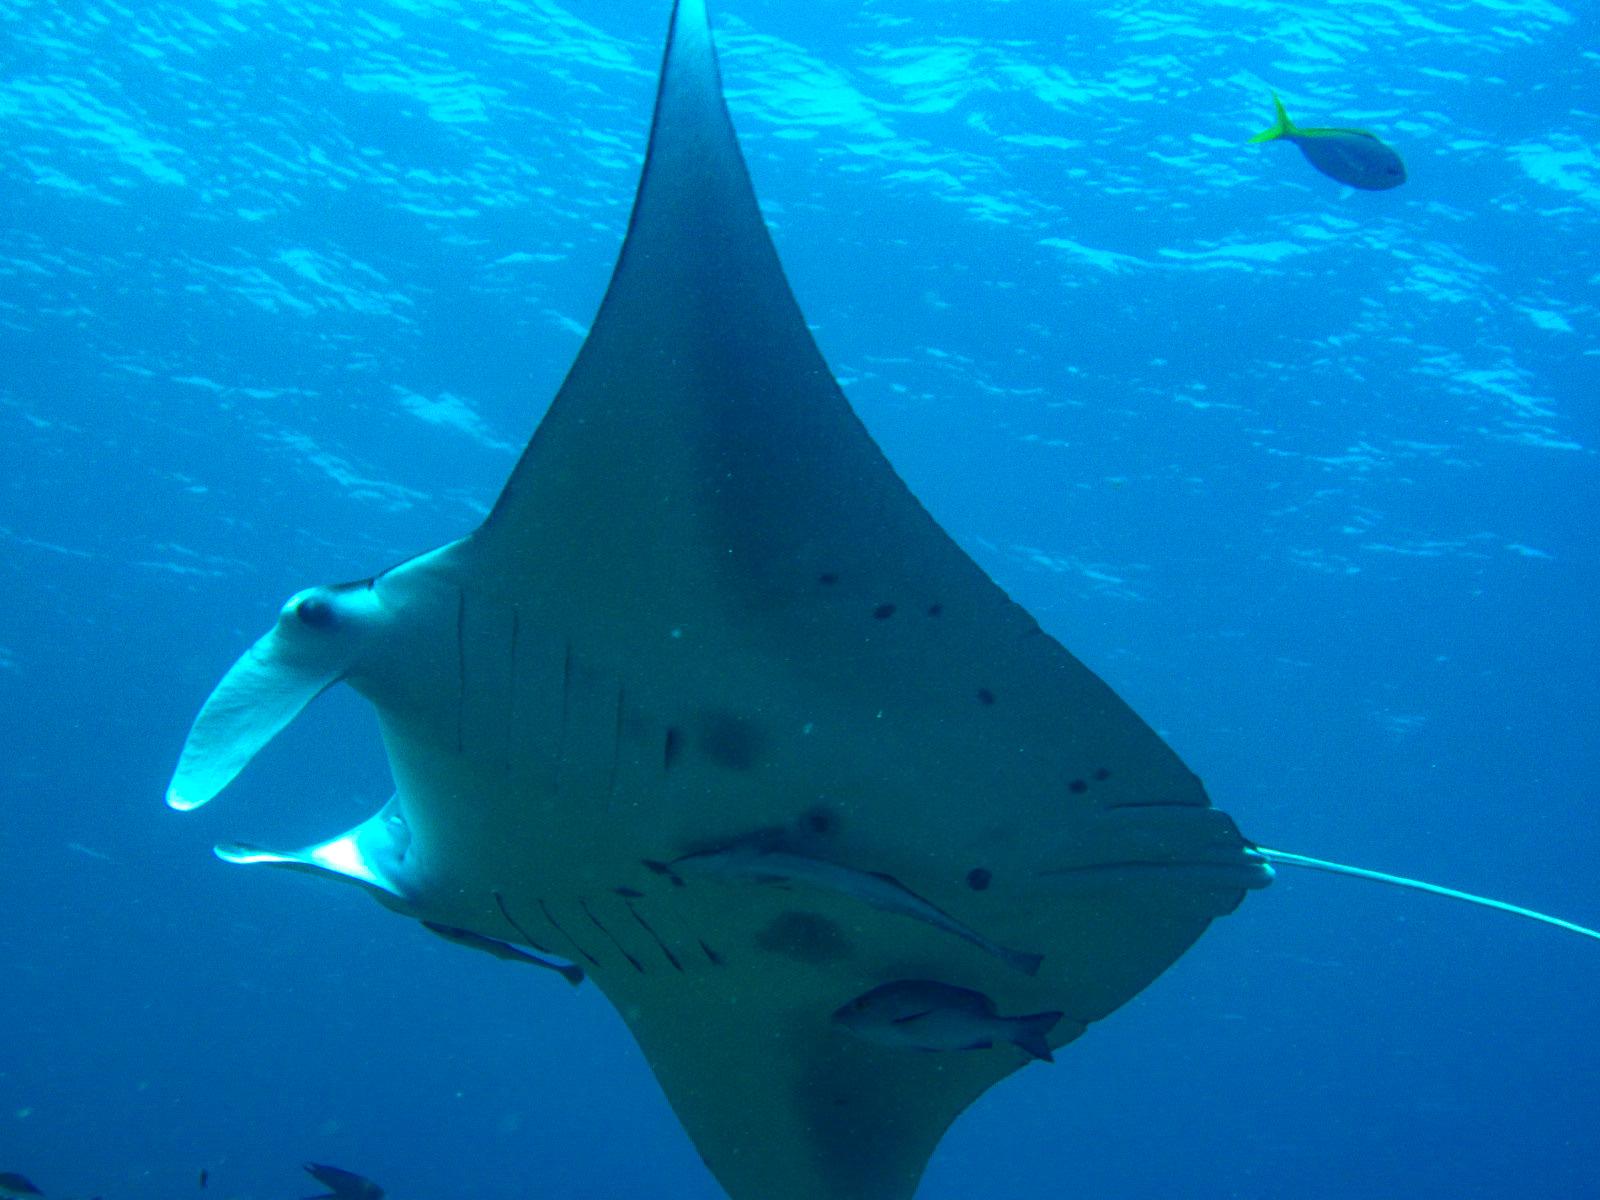 石垣島ダイビングをアドバンスド講座で水深深く潜る